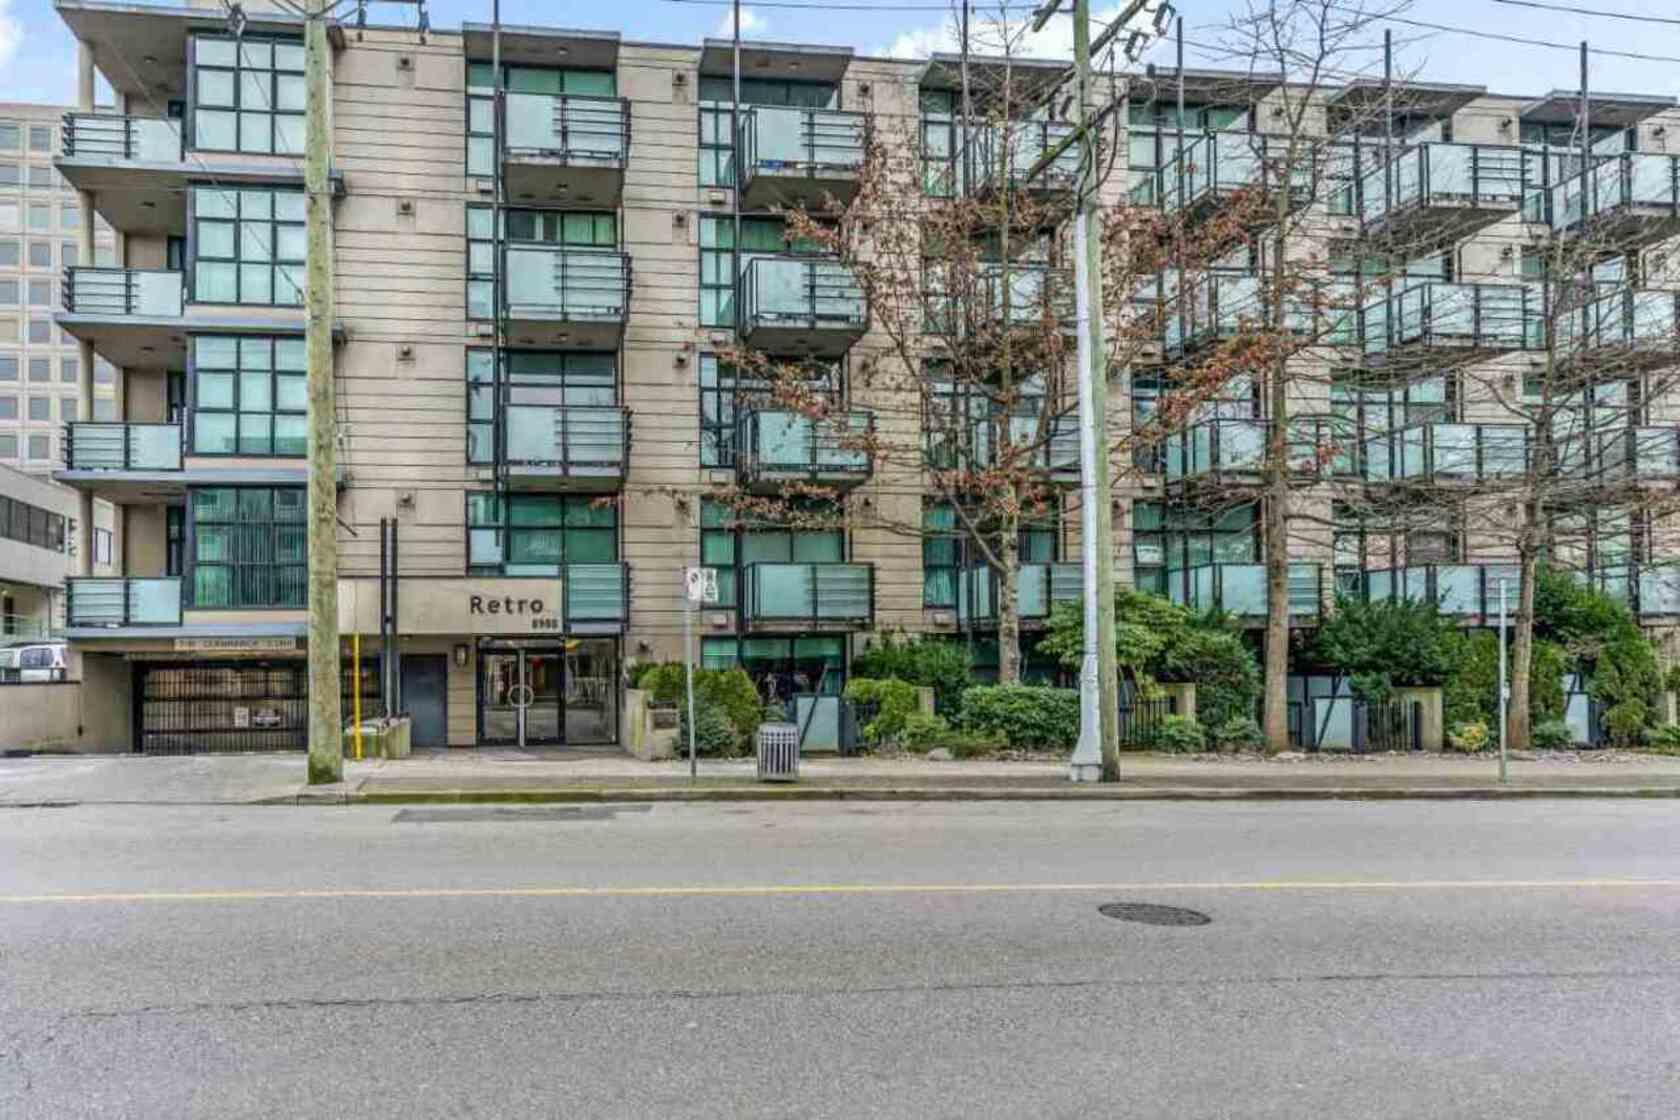 8988-hudson-street-marpole-vancouver-west-02 at 322 - 8988 Hudson Street, Marpole, Vancouver West